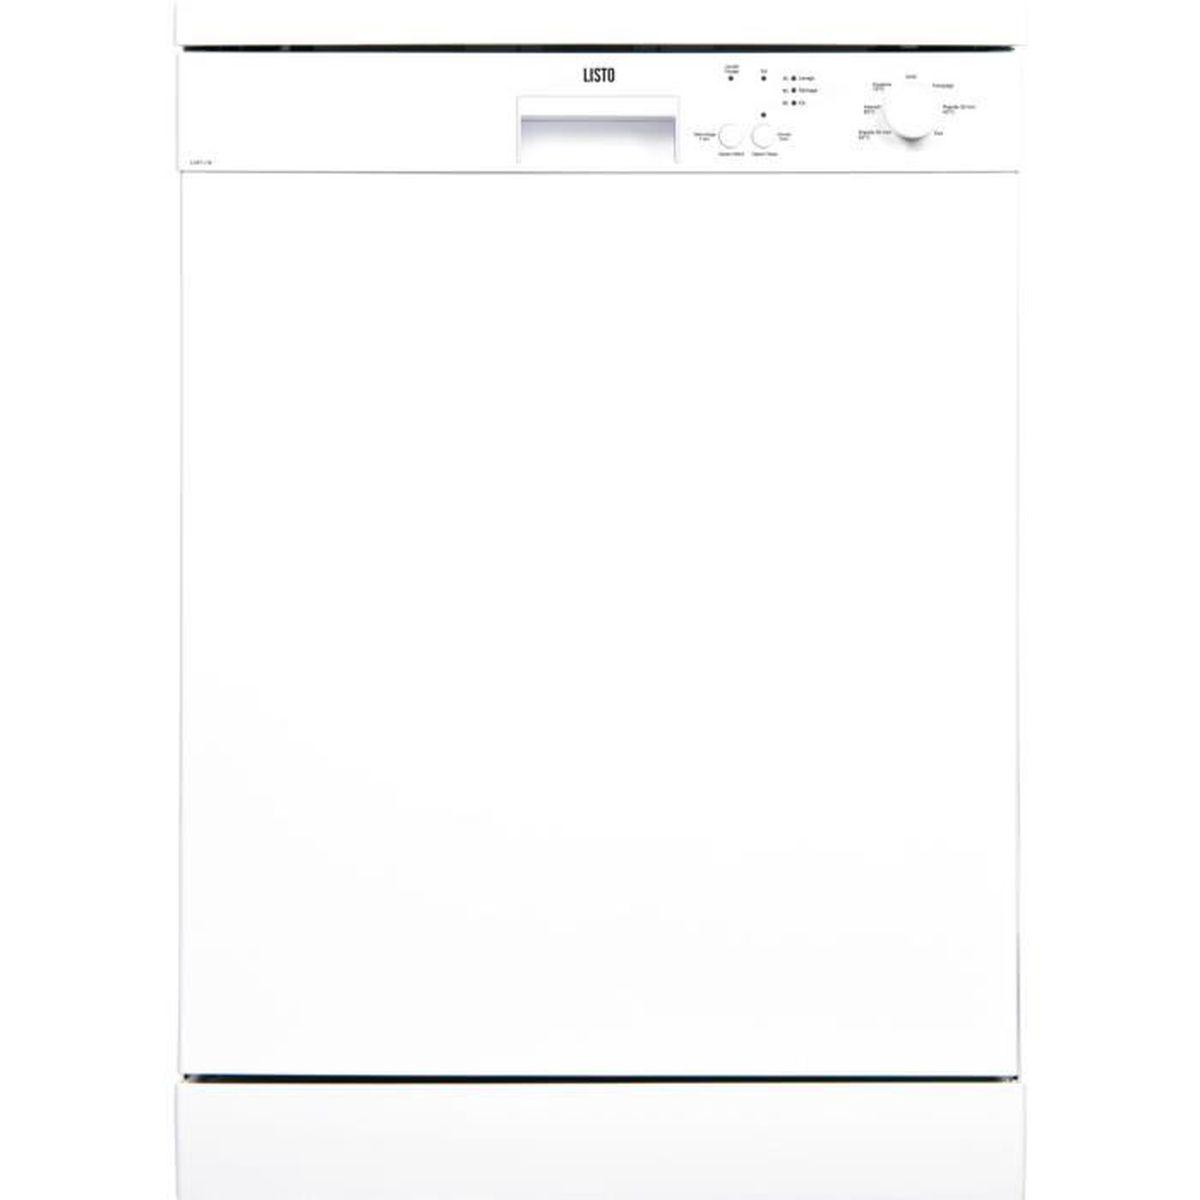 LAVE-VAISSELLE Lave-vaisselle 60cm LISTO LV47 L1 blanc